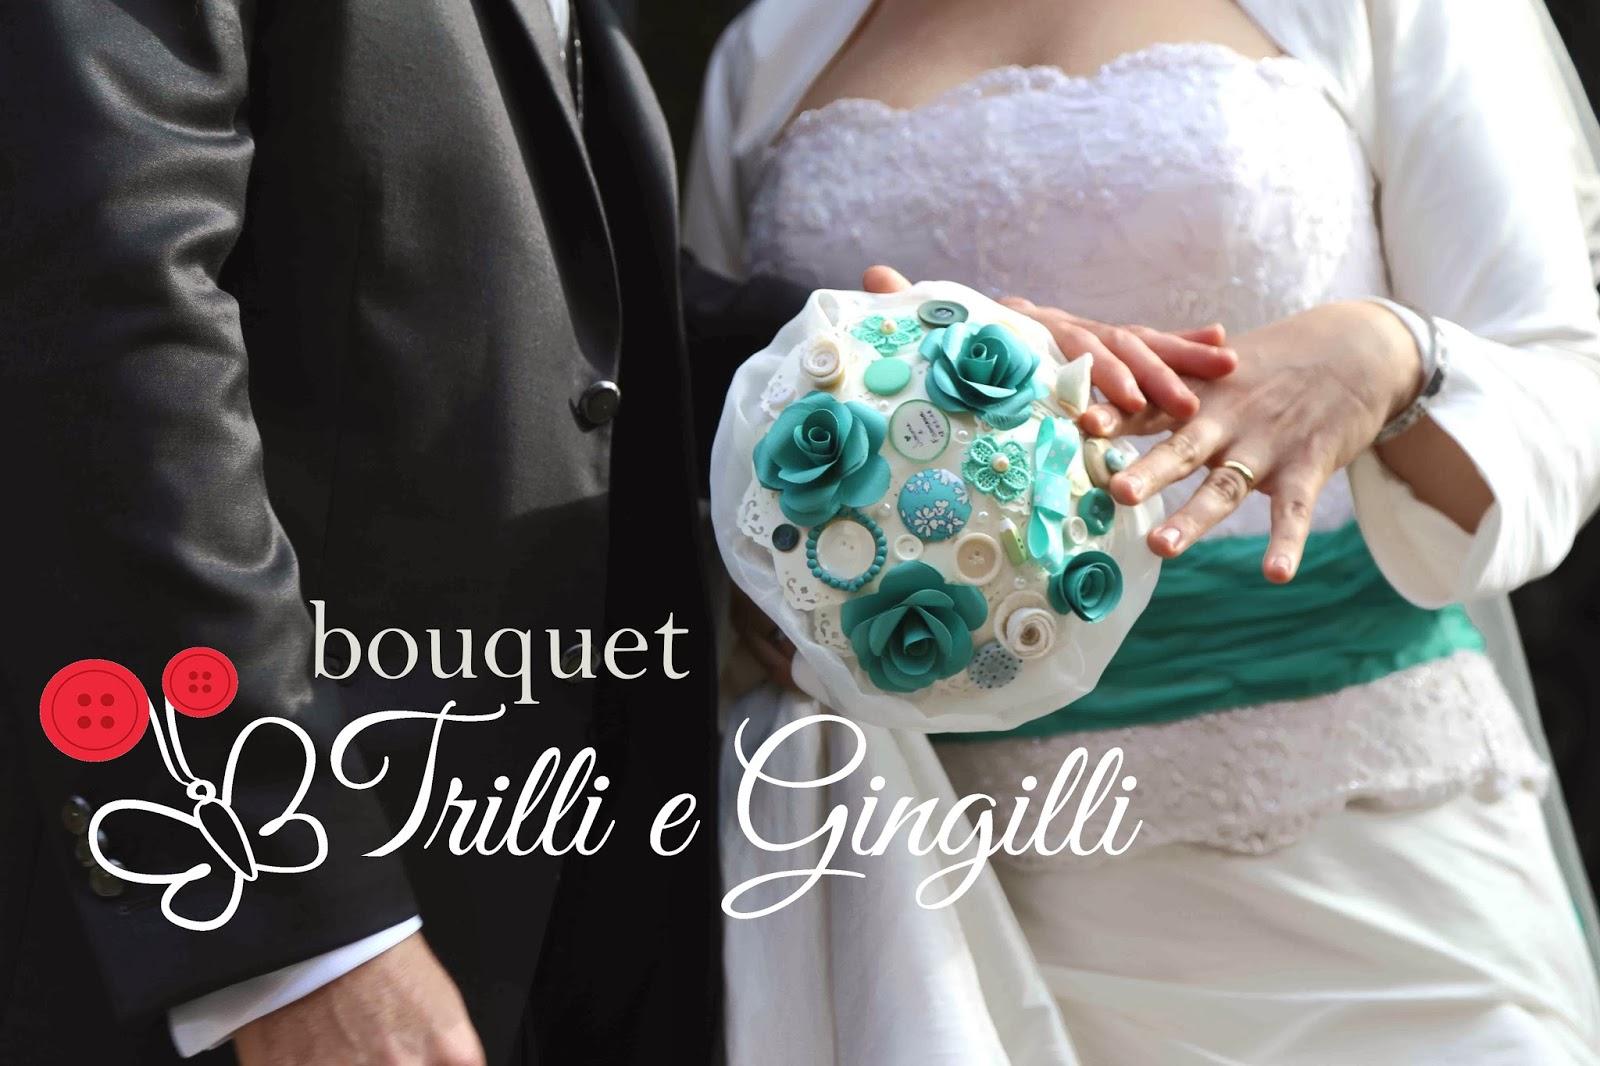 abbastanza Trilli e Gingilli - Le creazioni di Sara: Bouquet color tiffany  QM24